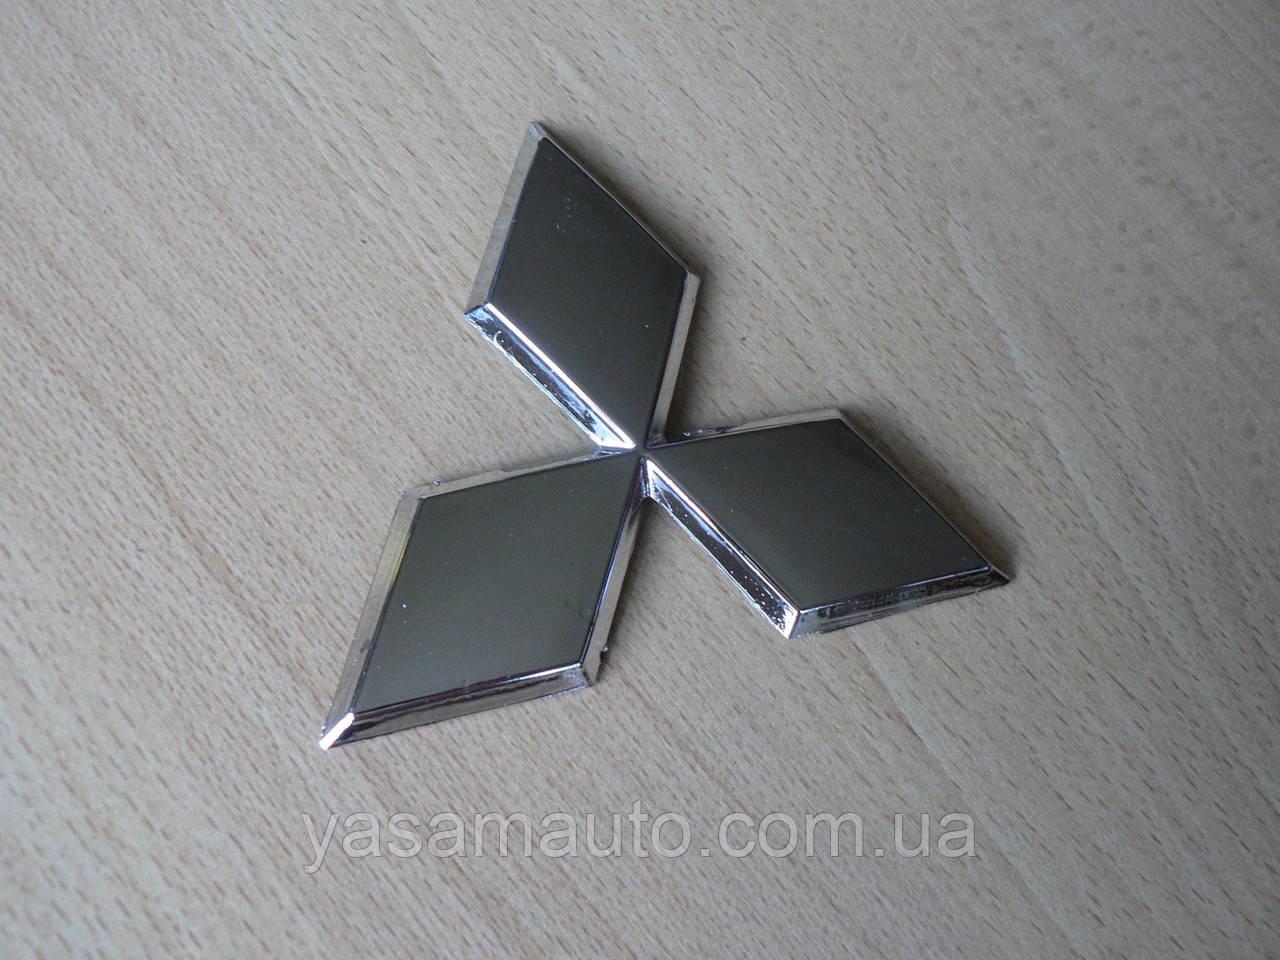 Эмблема z MITSUBISHI 96.5х85мм выпуклая №2 уценка  хром наклейка на авто Митсубиши Мицубиси